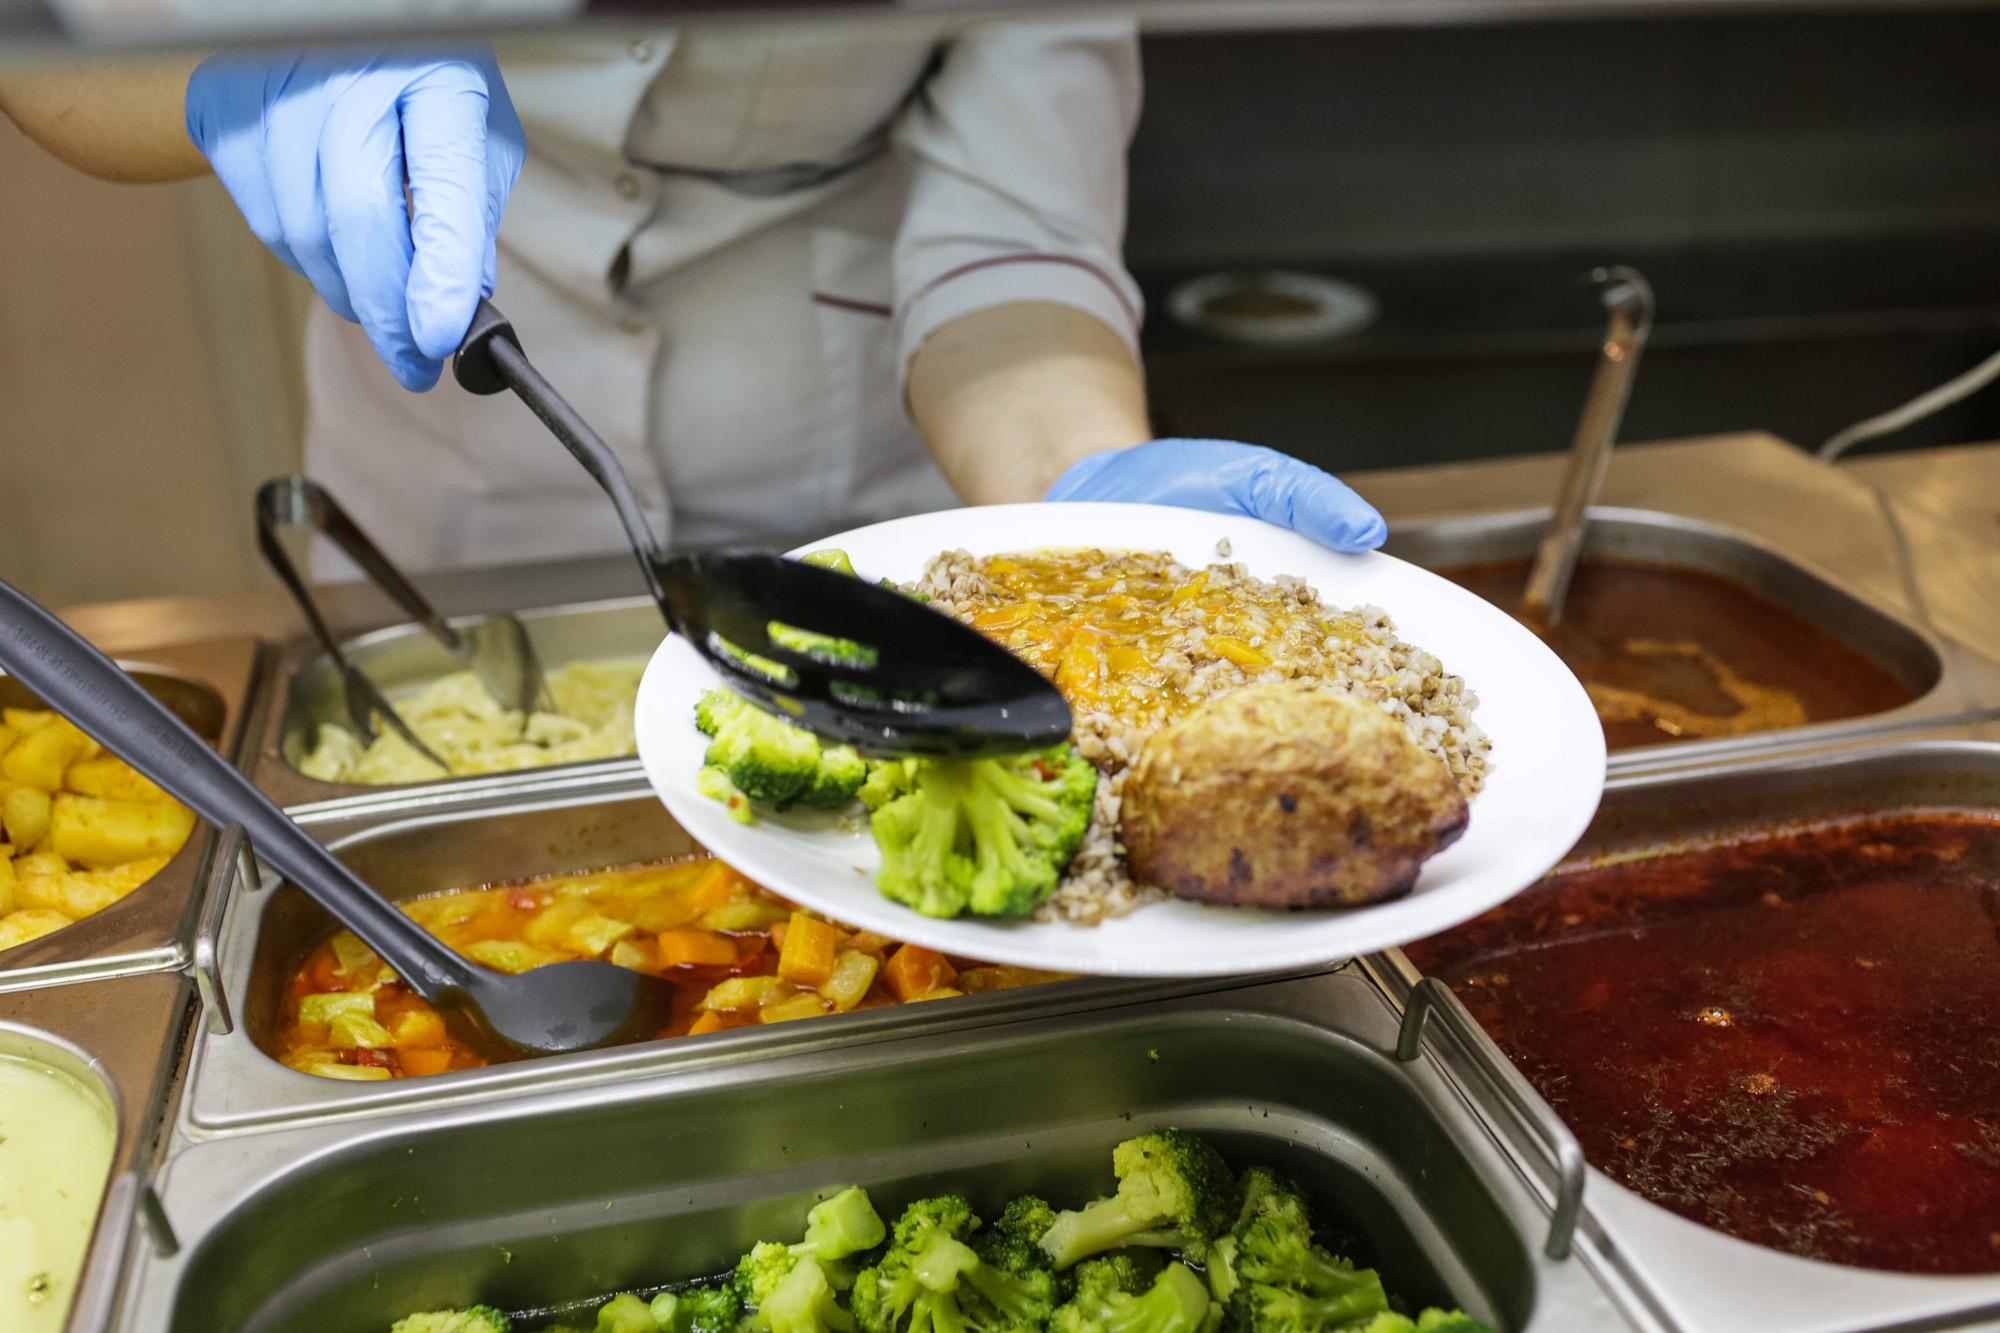 картинки еды в столовой только можете одолеть